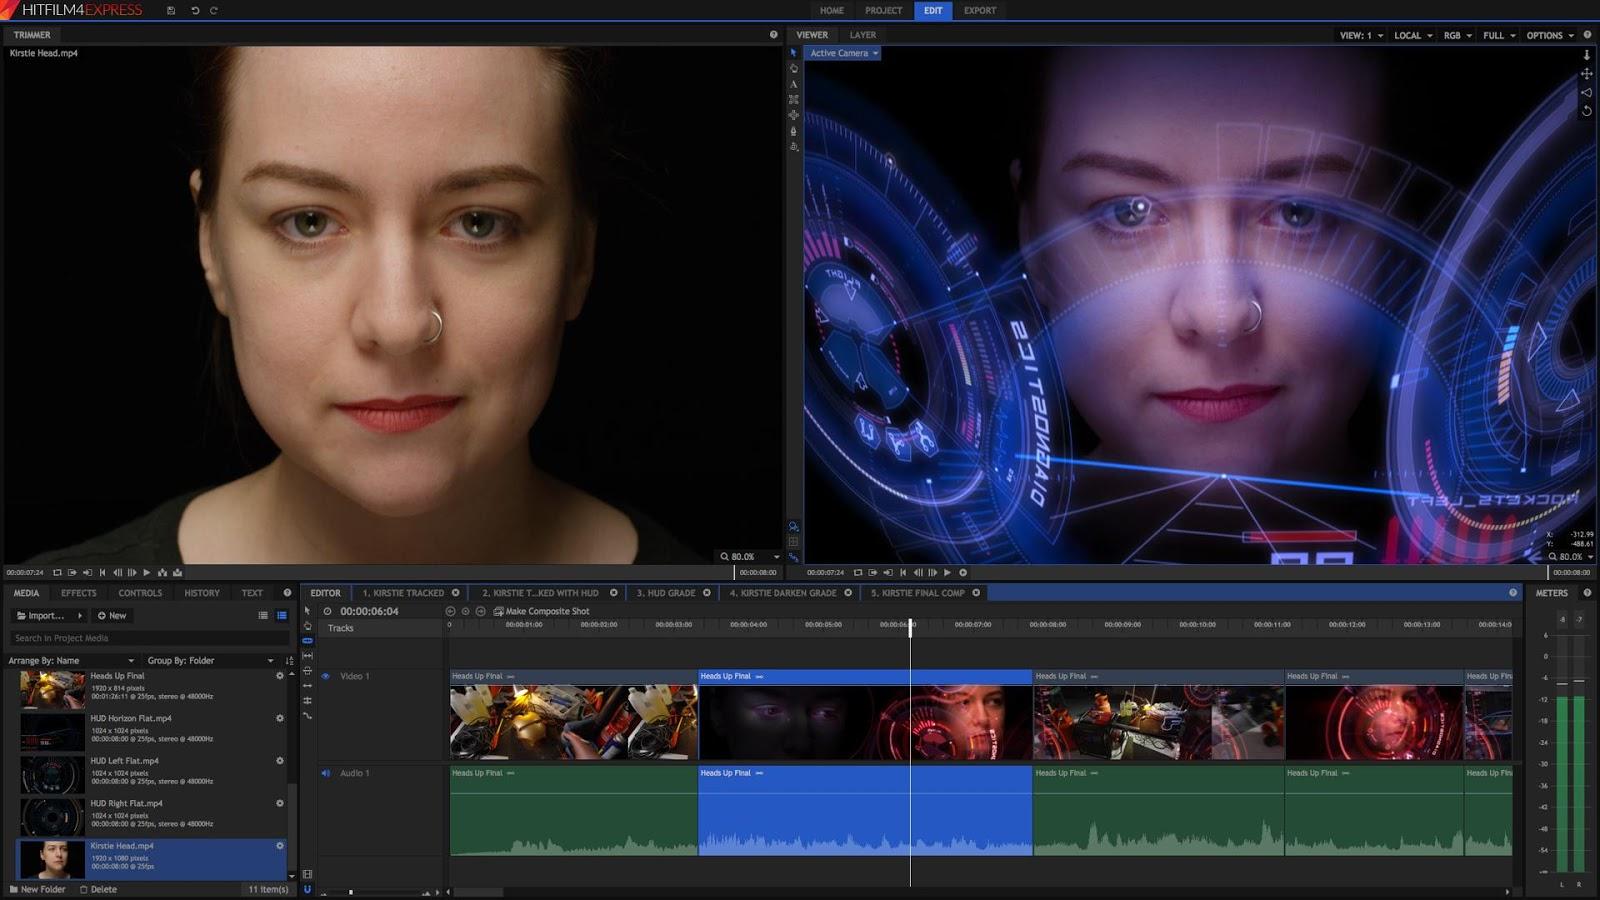 HitFilm 4 Express - Phần mềm làm phim chuyên nghiệp miễn phí - Lưu Trữ Phần  Mềm